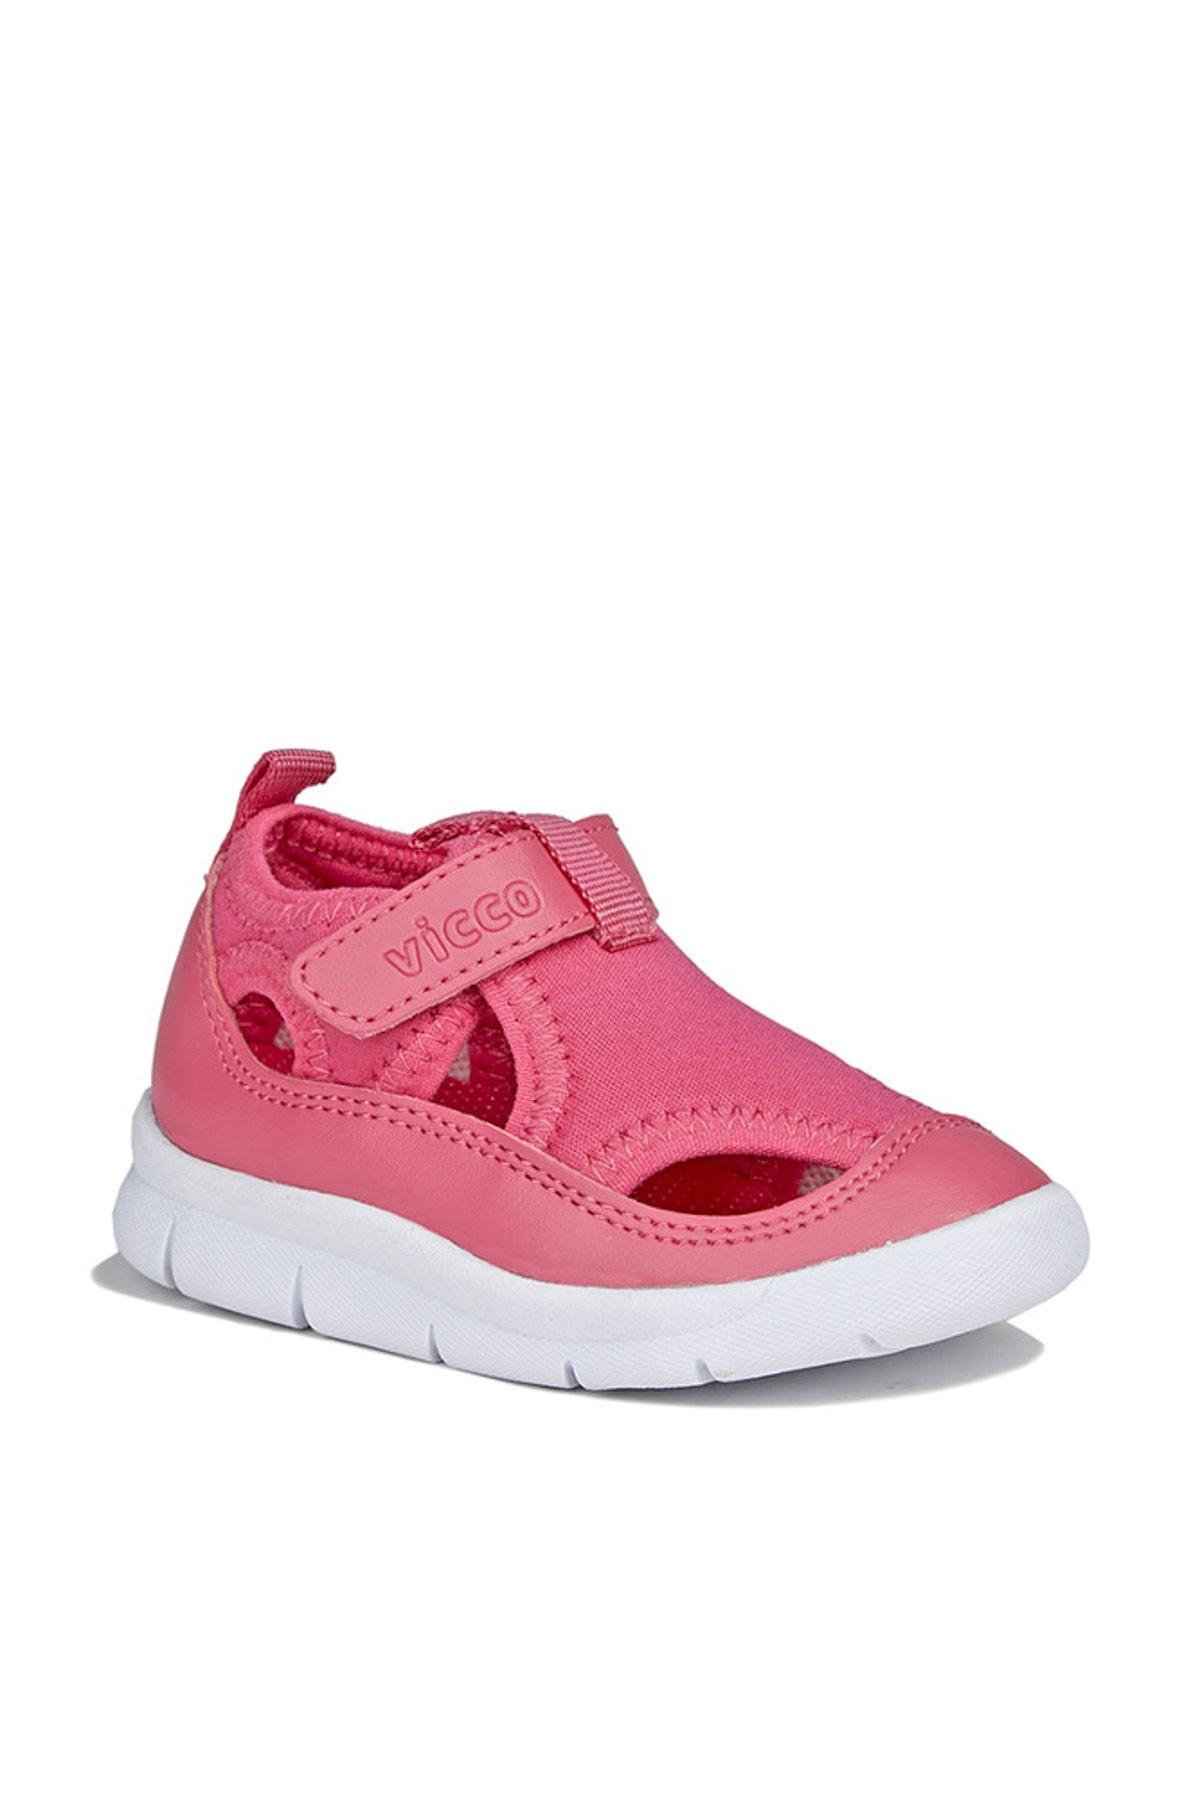 Berry Hafif Kız Çocuk Fuşya Spor Ayakkabı